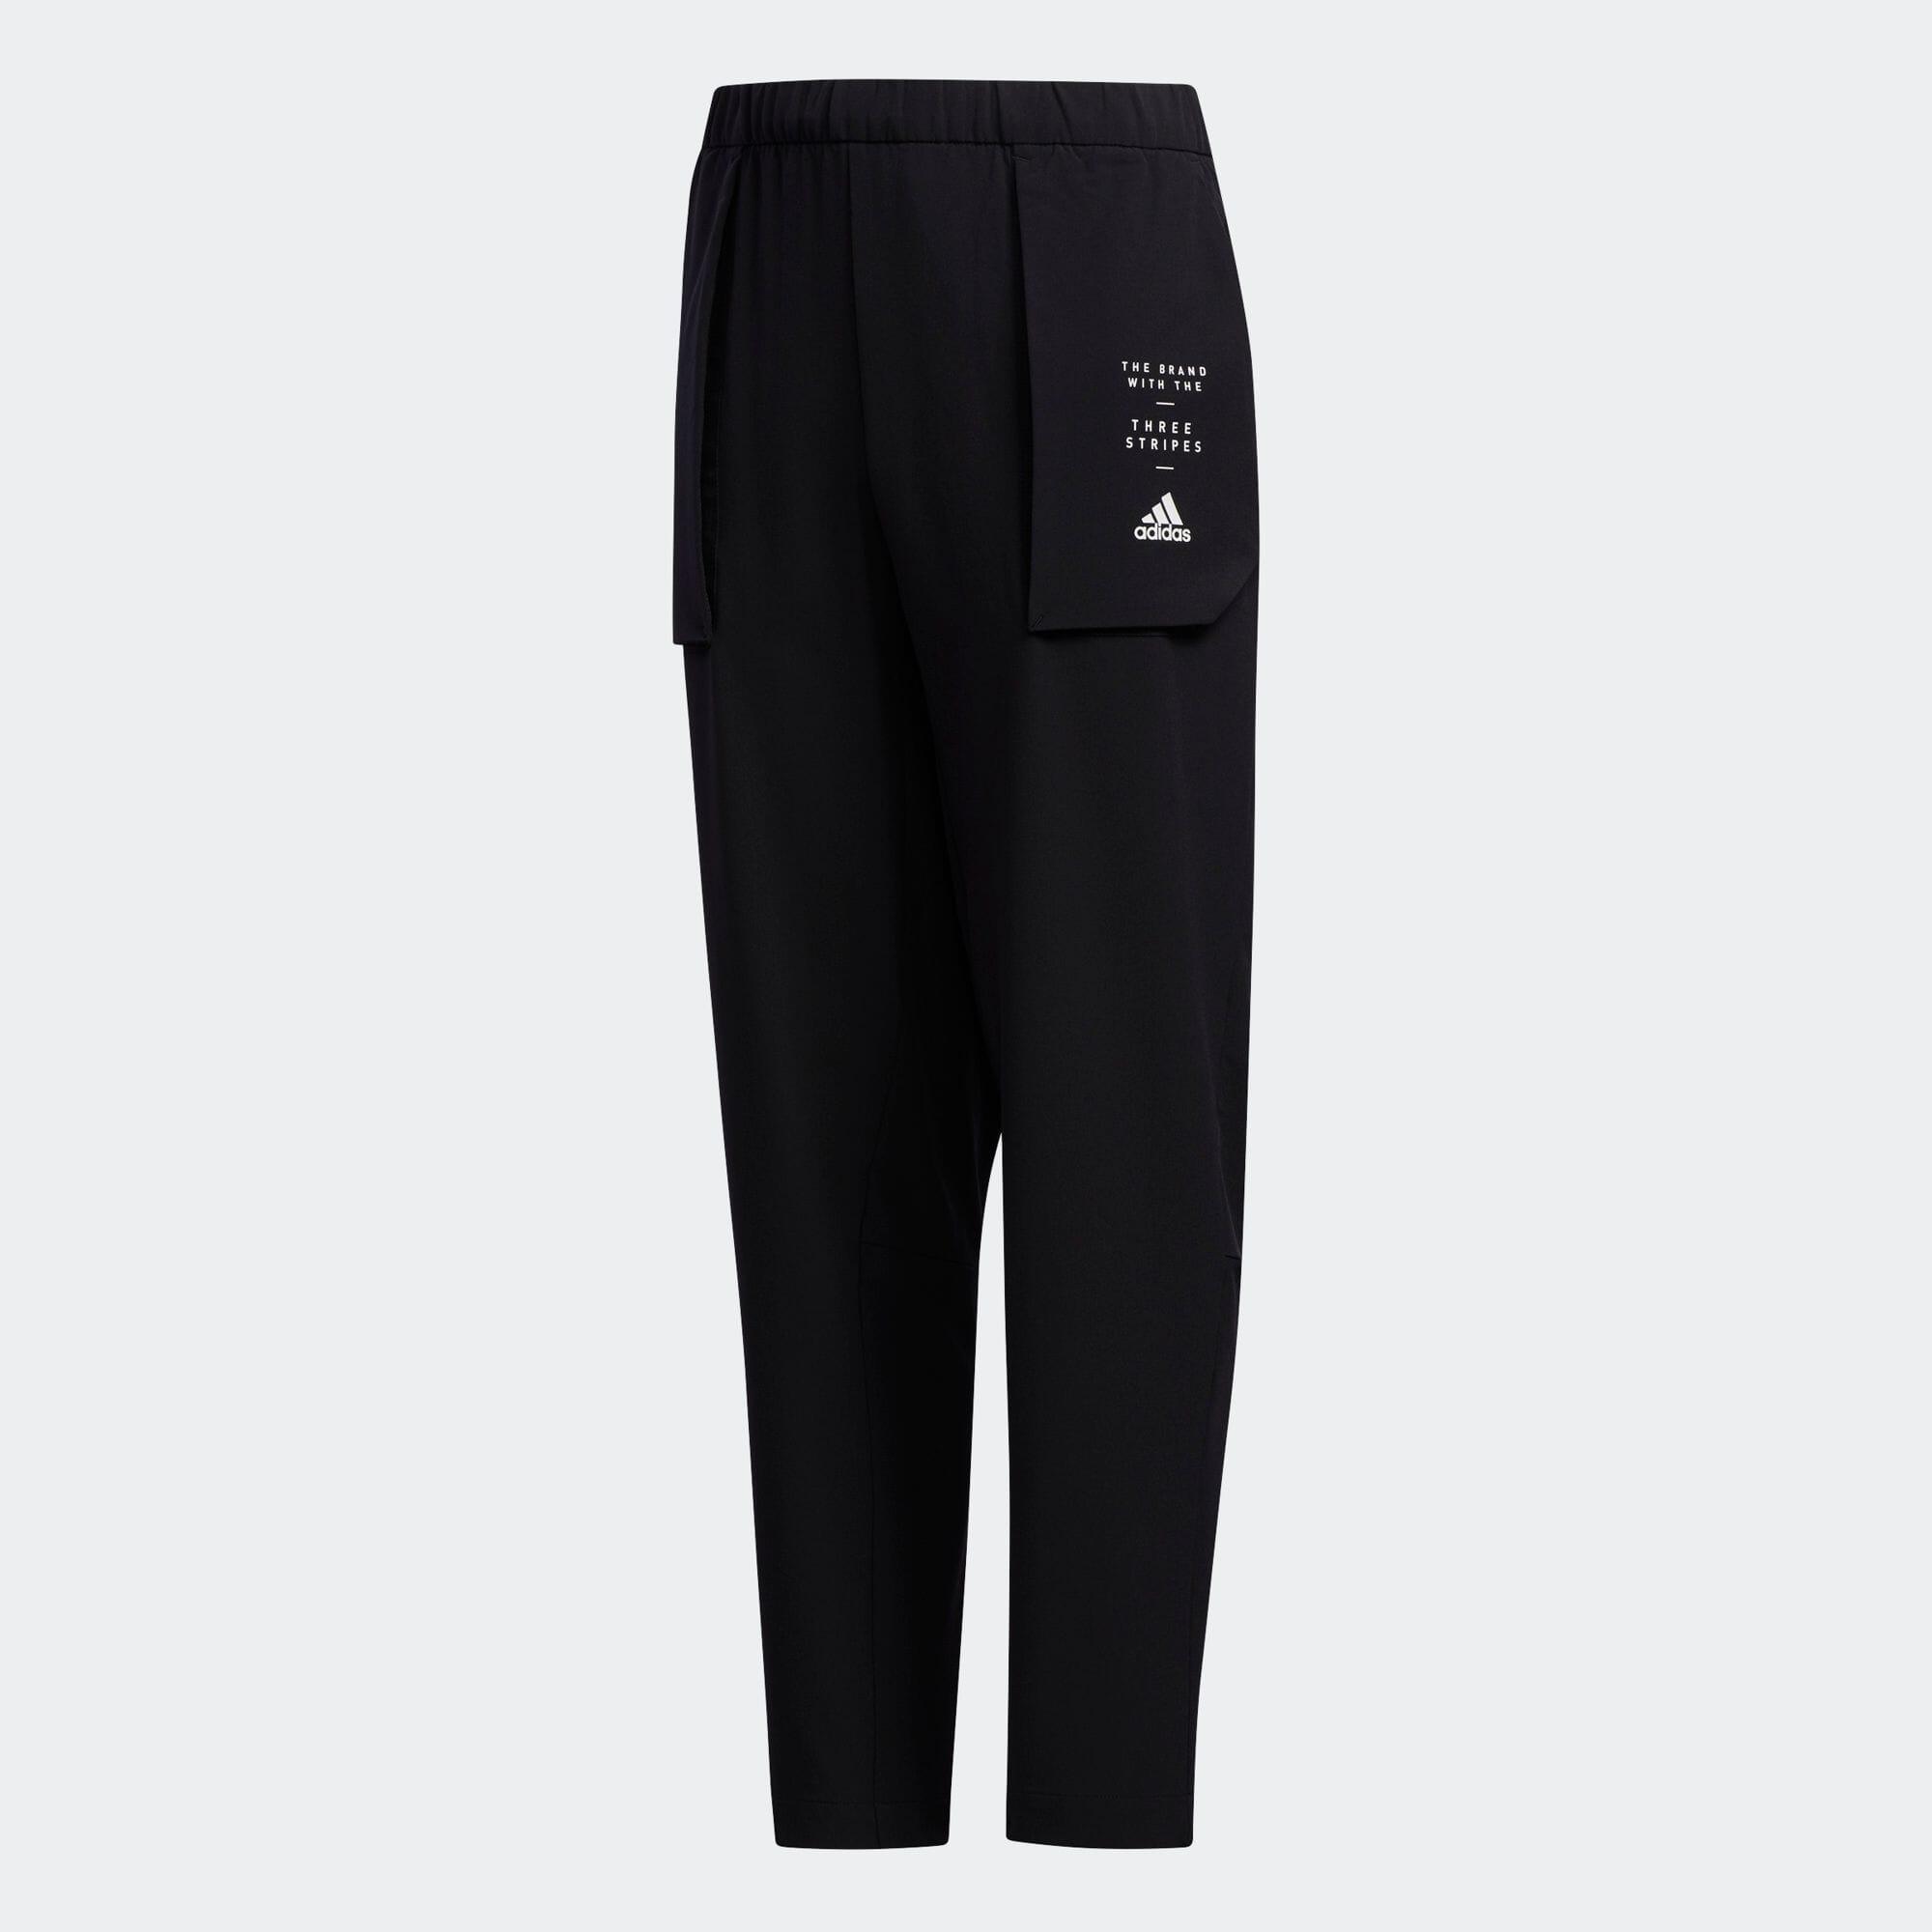 デイズ ウーブンパンツ / Days Woven Pants